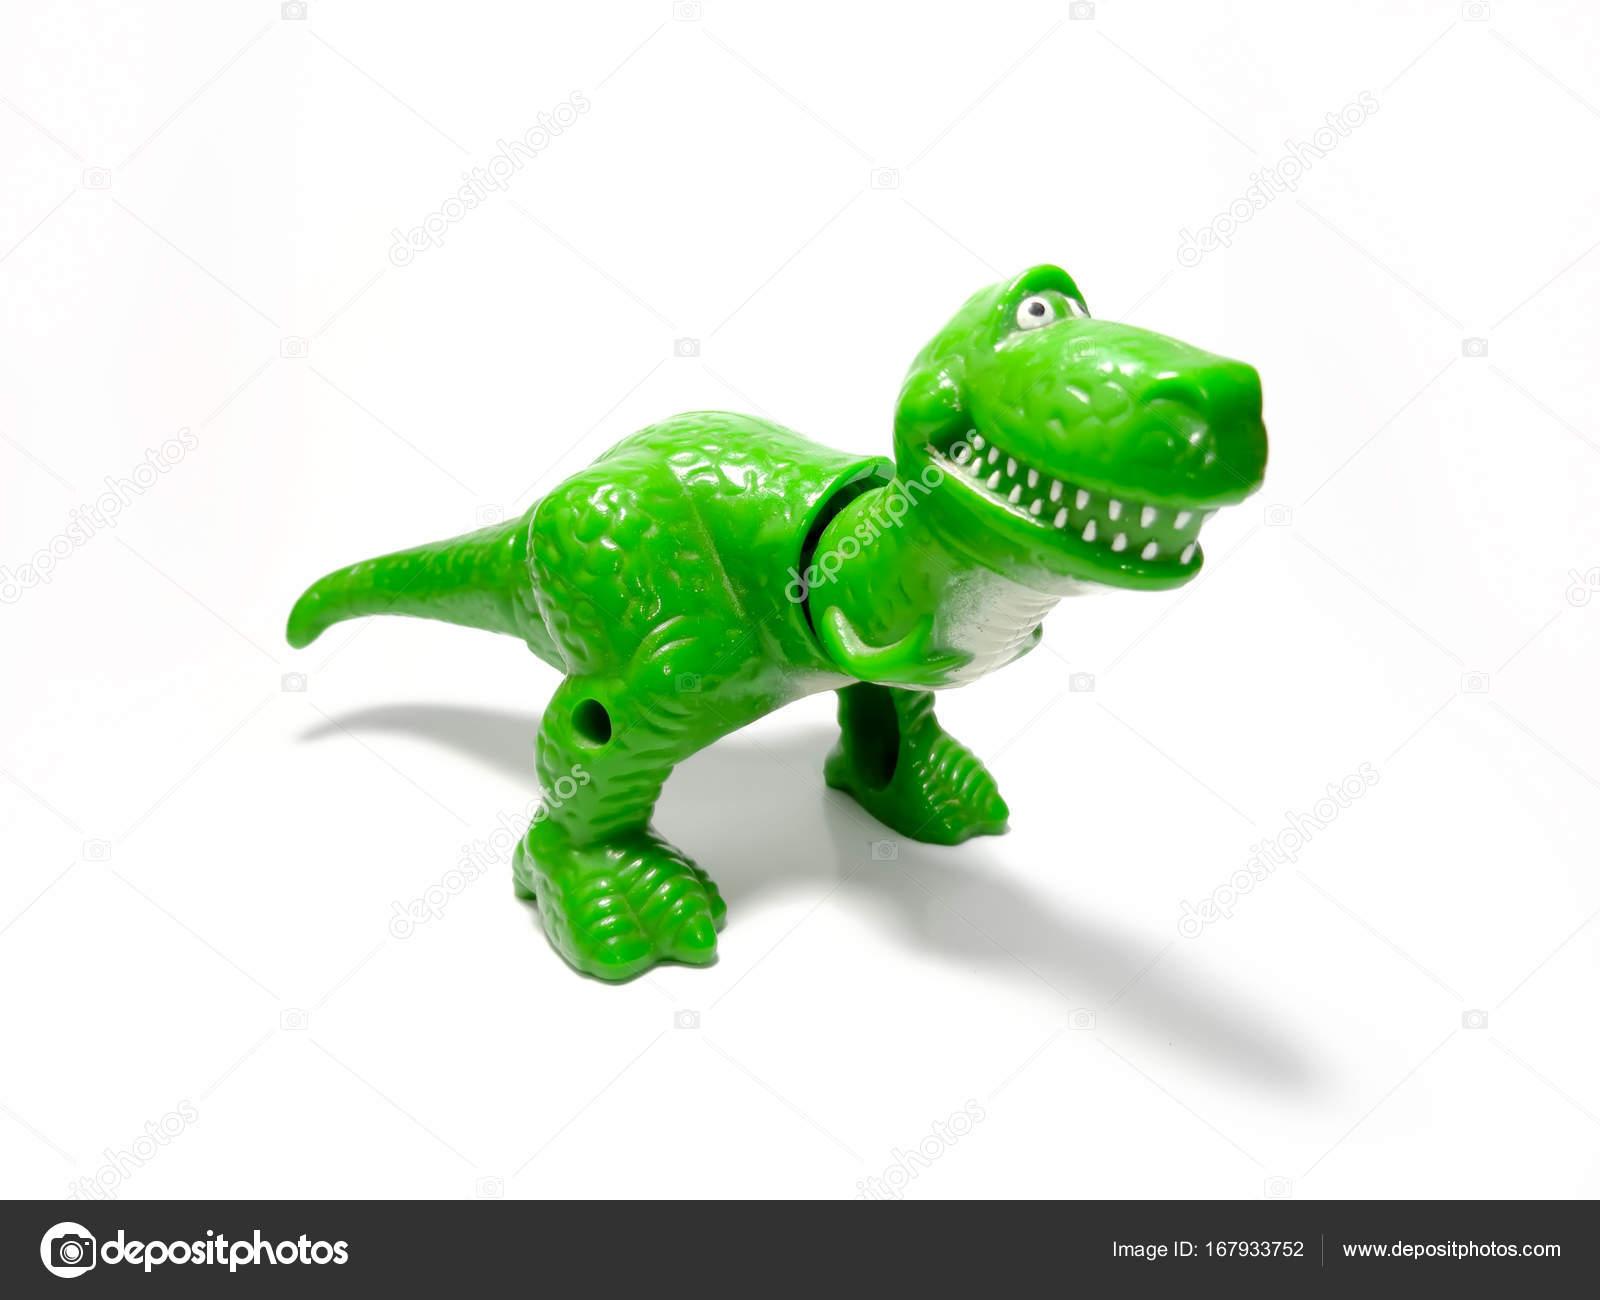 456102ffefdee Киндер сюрприз игрушка. Детские игрушки мало. Забавные игрушки. Развитие  ребенка– Стоковое изображение